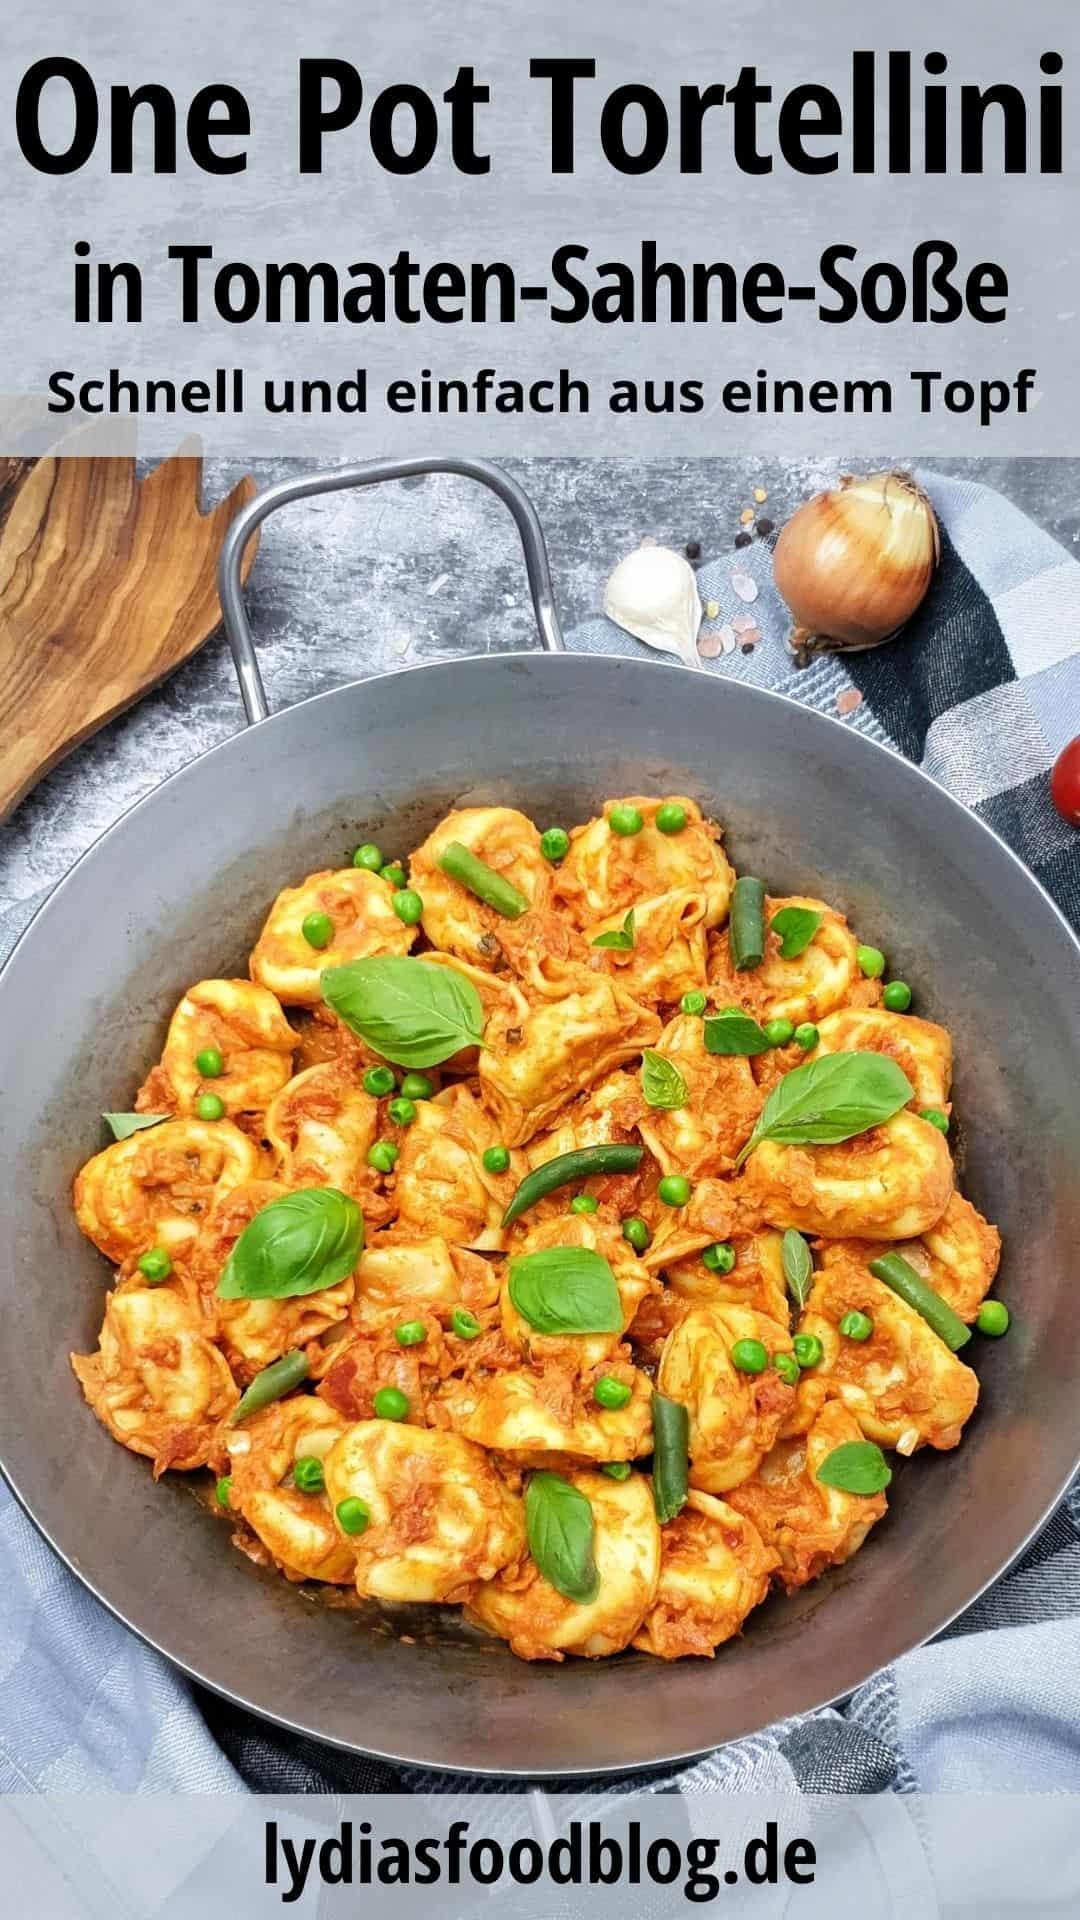 In einer gußeisernen Pfanne angerichtet One Pot Tortellini in Tomaten-Sahne-Soße mit Basilikum garniert. Im Hintergrund Deko.